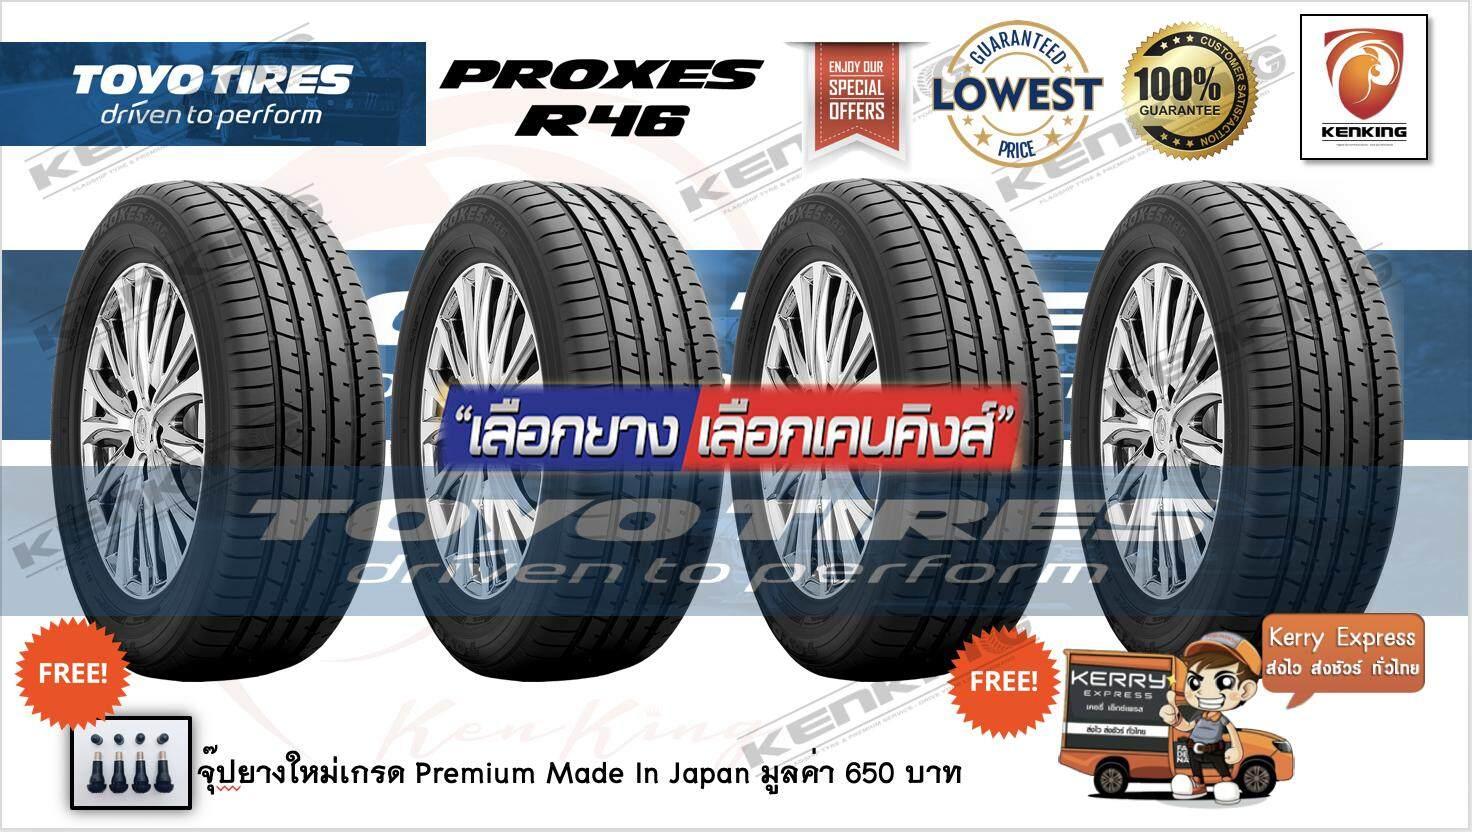 ยางรถยนต์ขอบ19 Toyo  225/55 R19 Pxr46  (จำนวน 4 เส้น) ฟรี!! จุ๊ปใหม่เกรด Premium 650 บาท ยางรถยนต์ราคาถูก ยางรถยนต์ราคาส่ง ยางรถยนต์ขอบ19 ยางขอบ19.